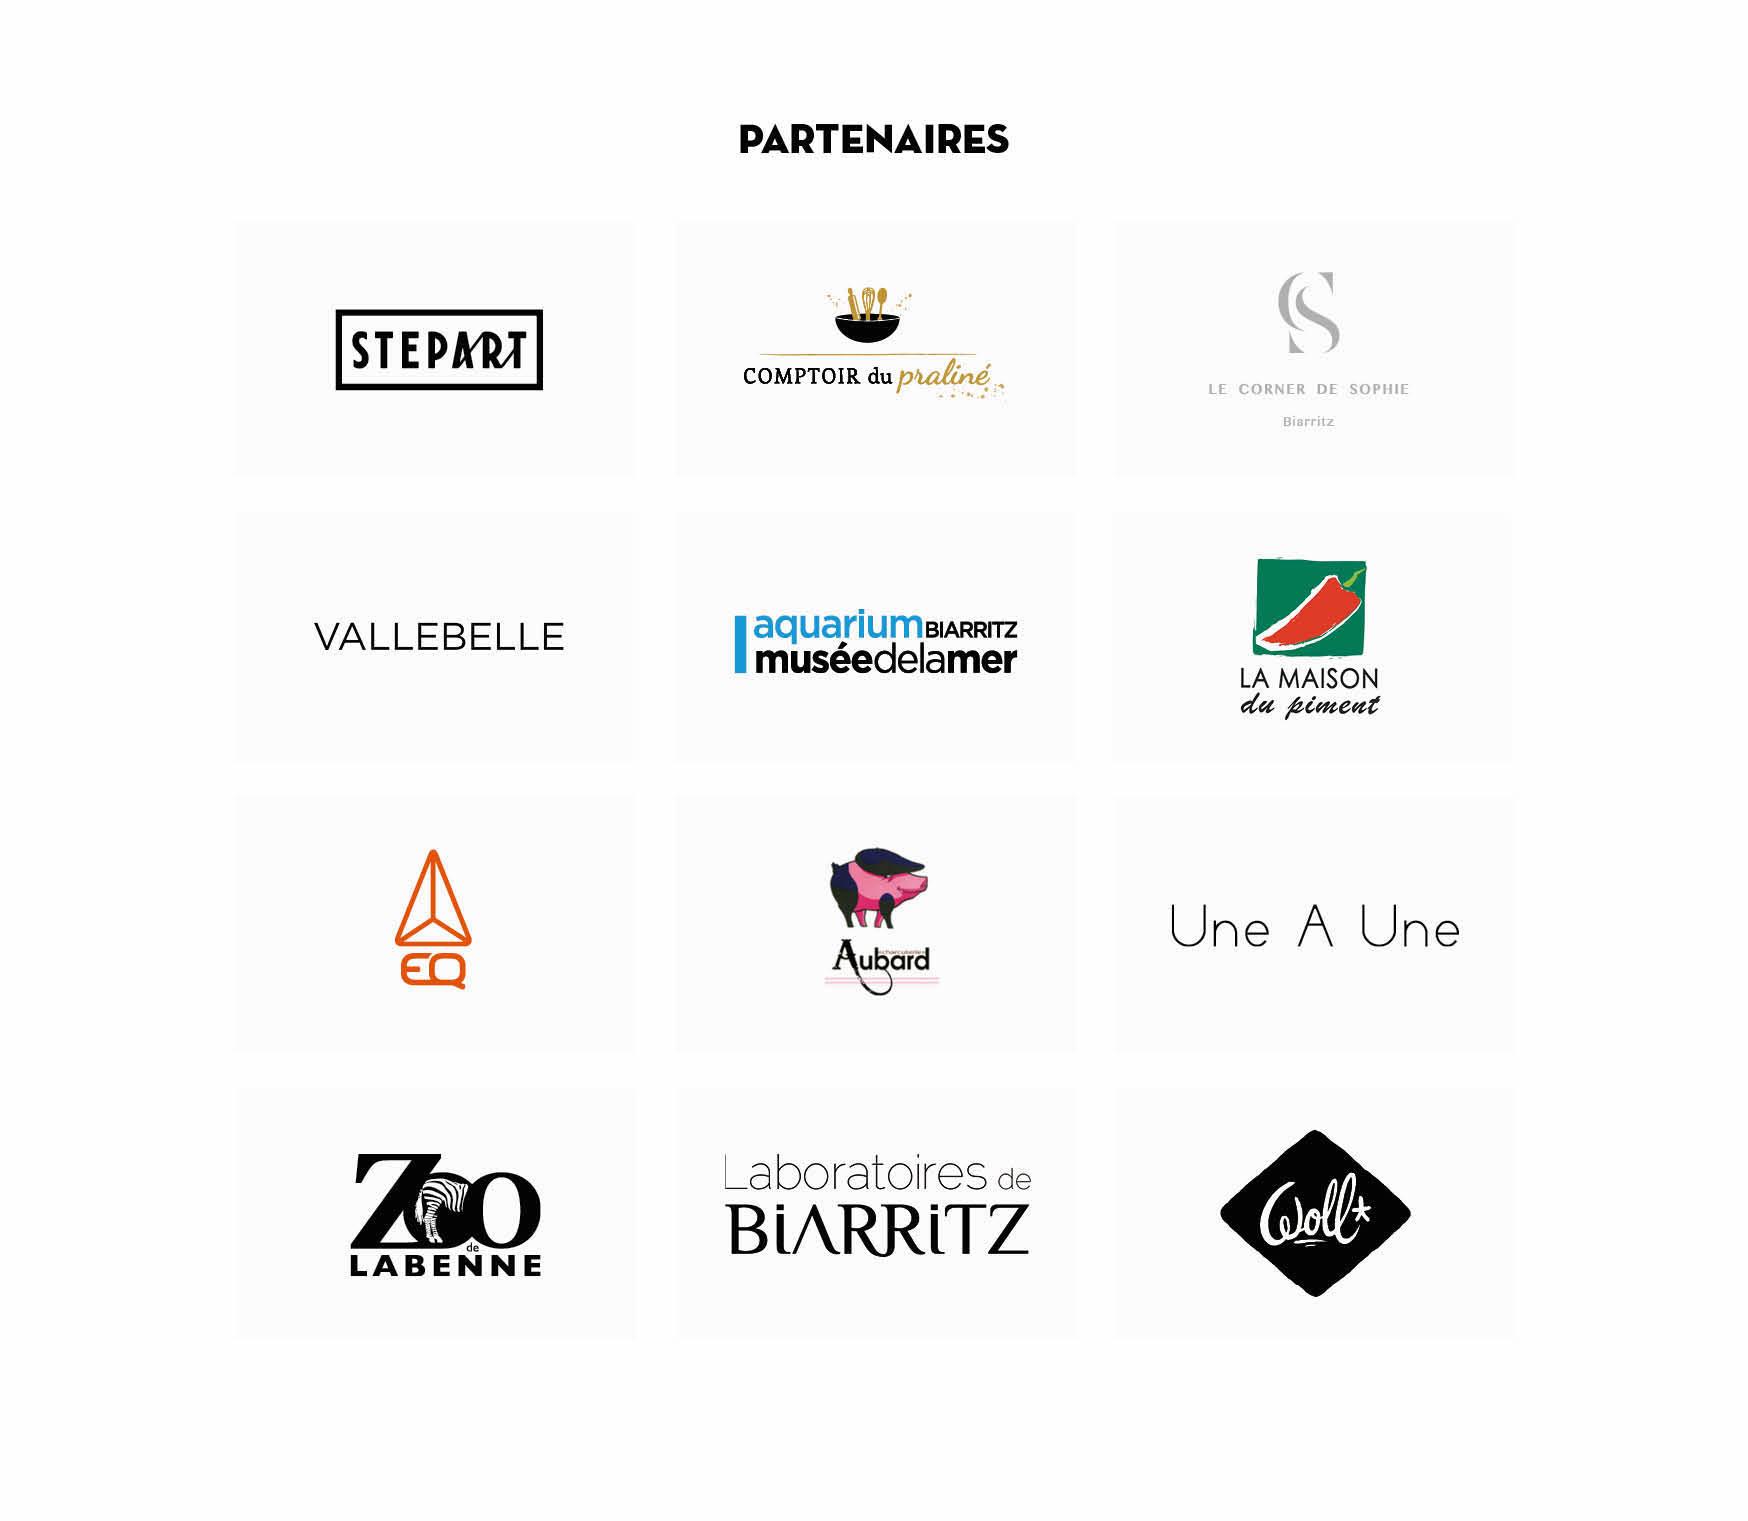 Les marques partenaires de la première édition de la Kinda Box par Kinda Break.